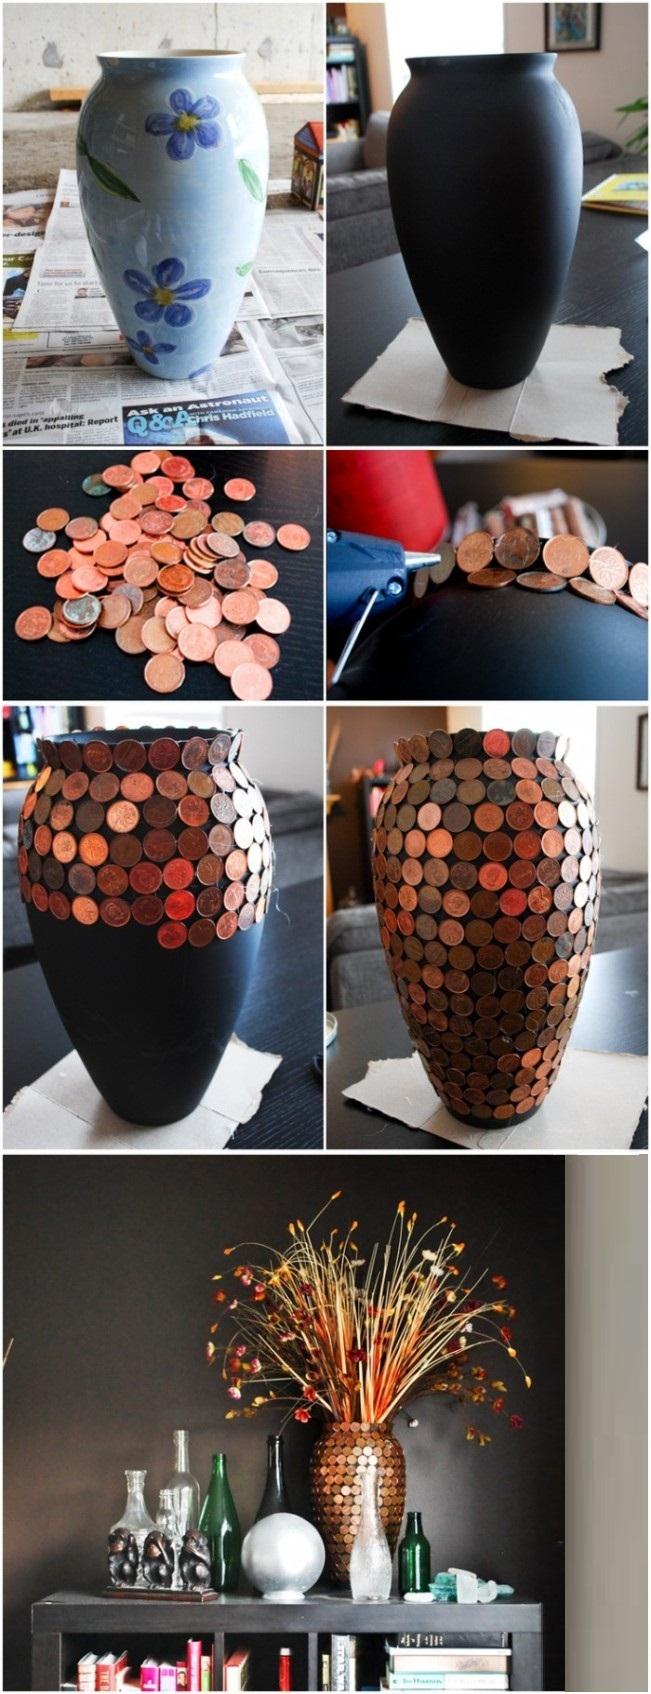 Интересный вариант создания вазы с помощью окрашивания матовой краской и оклеивания монетами